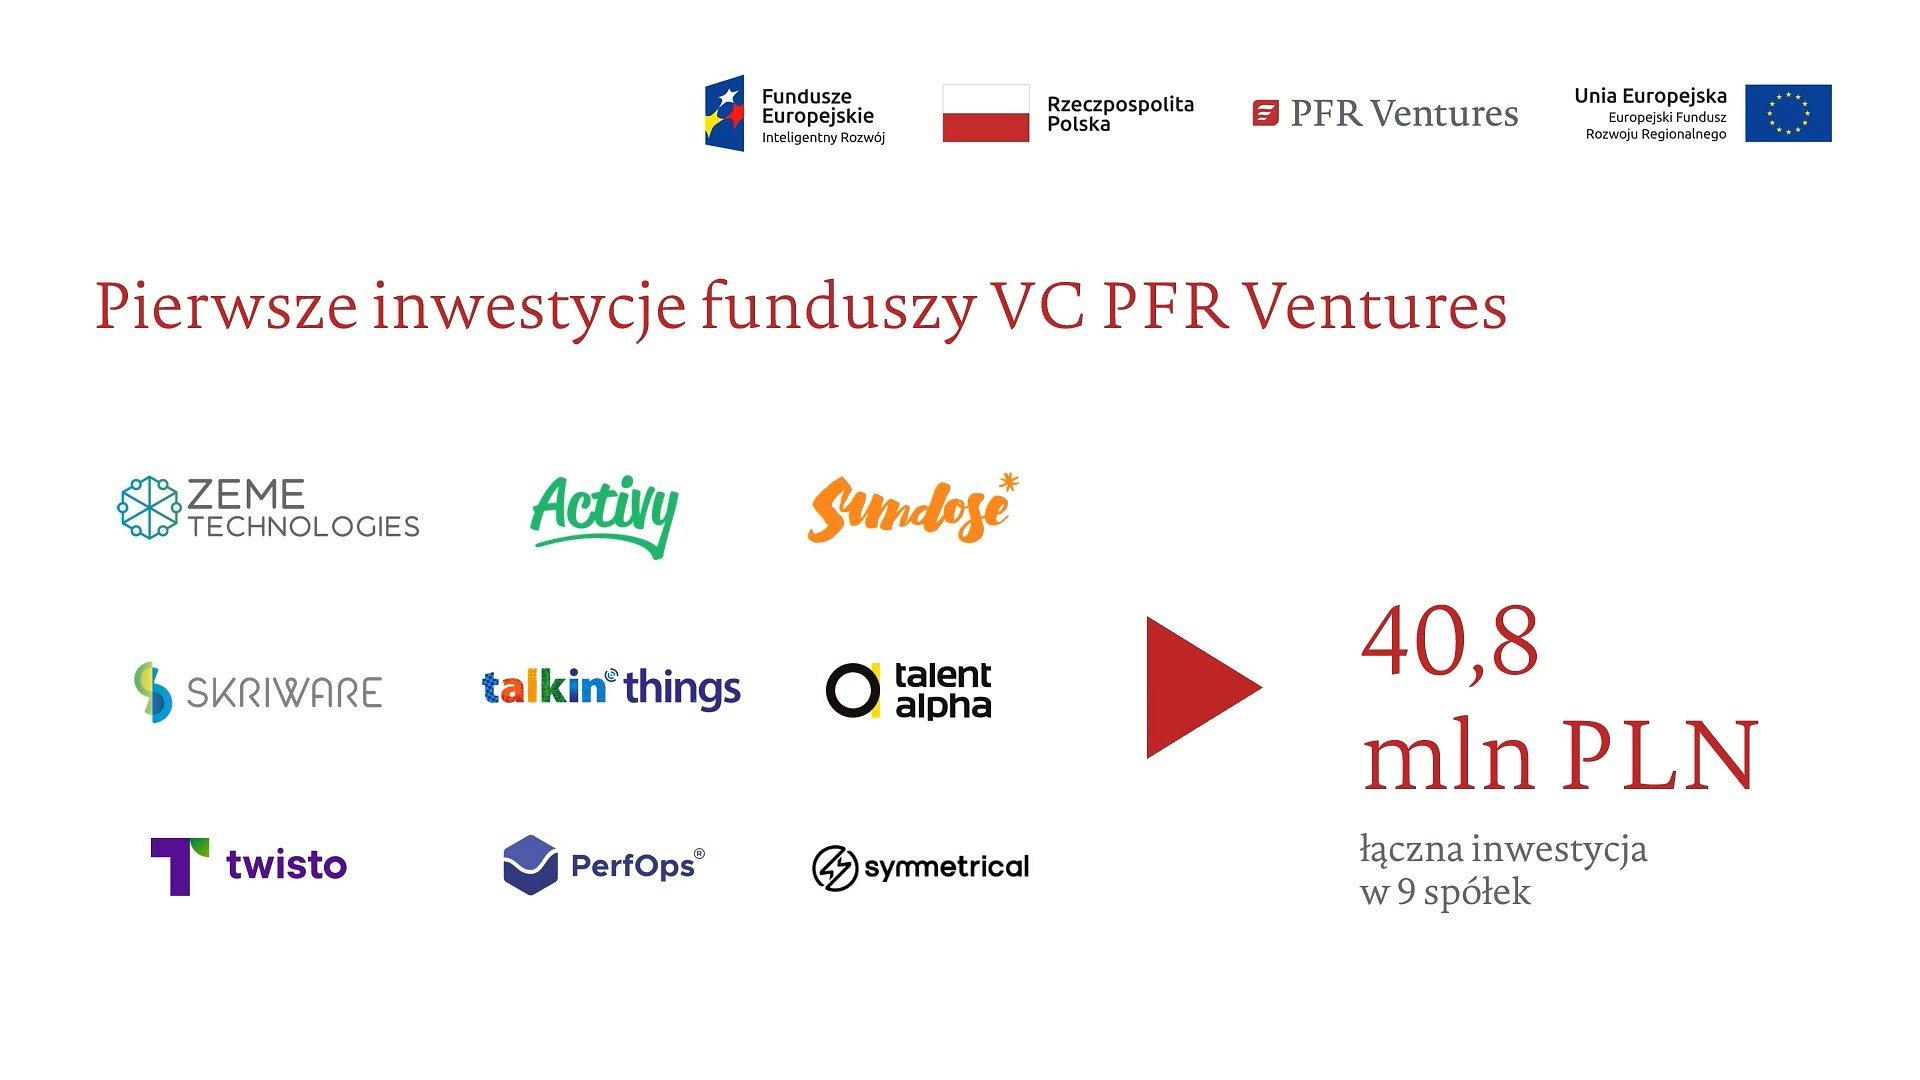 Fundusze VC PFR Ventures zainwestowały pierwsze 40 mln PLN